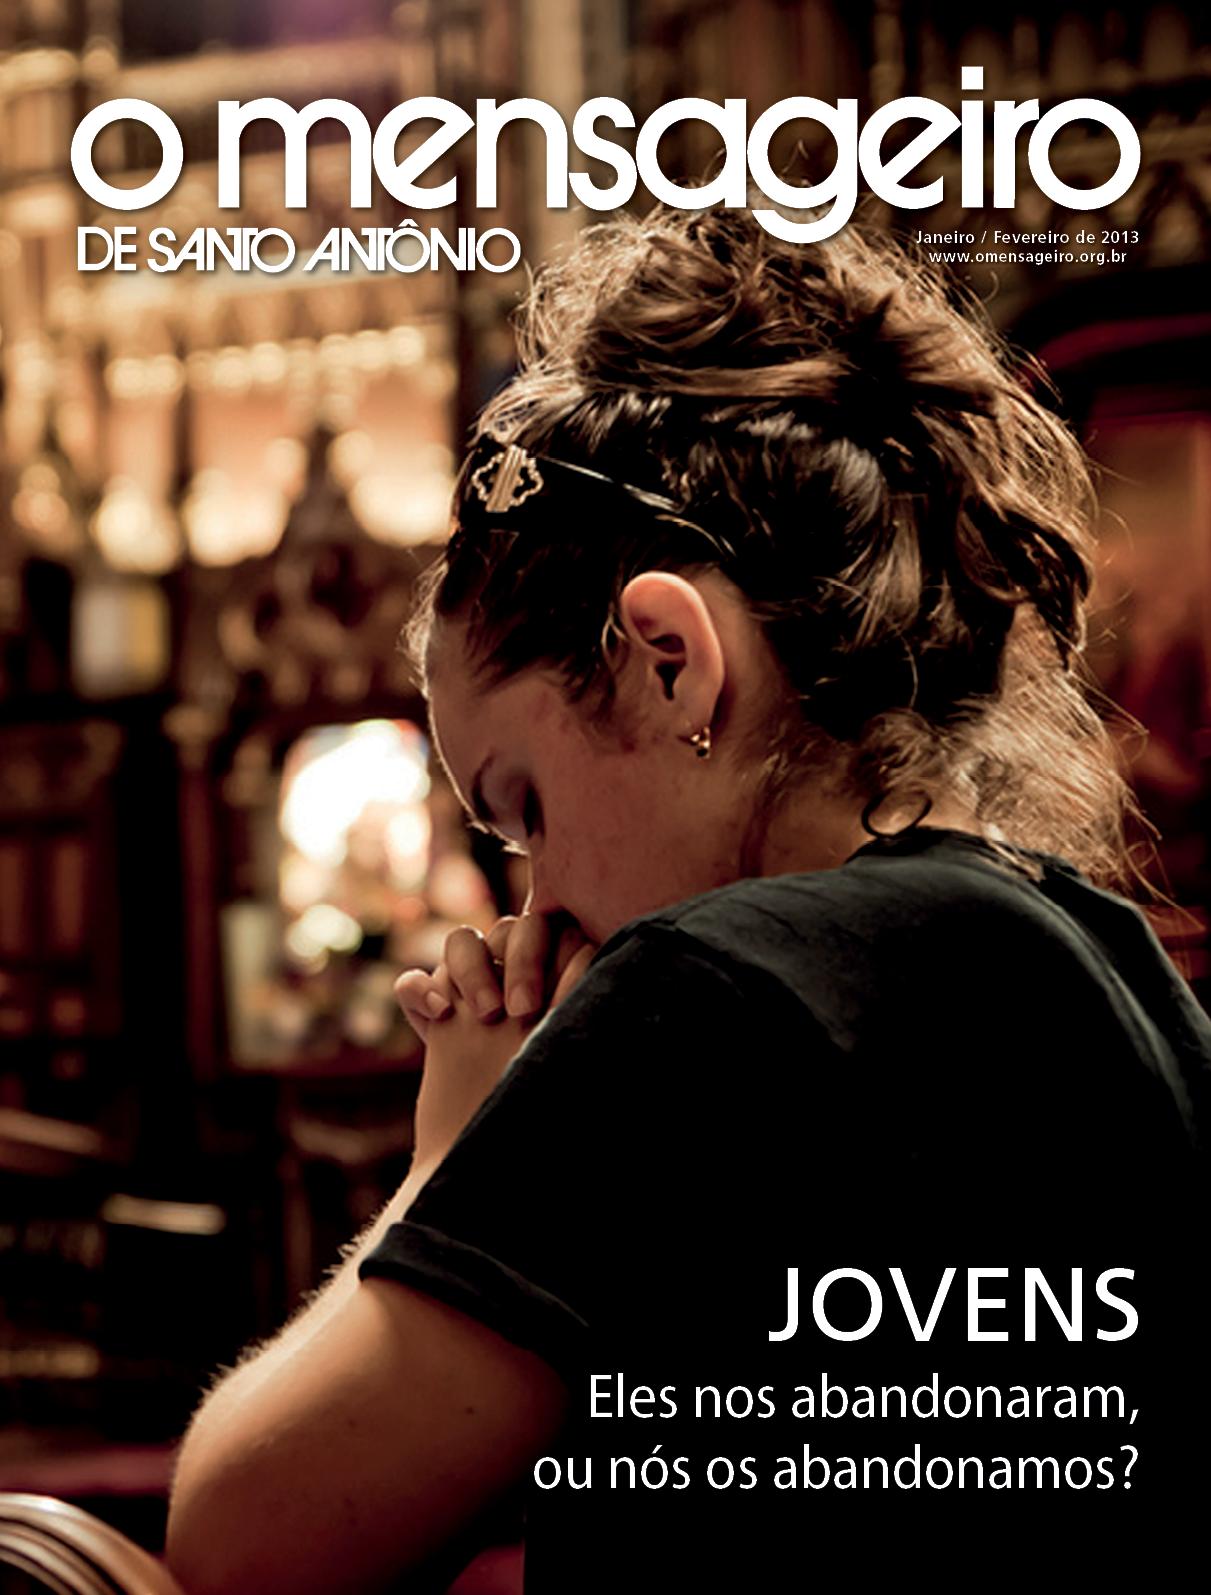 Revista O Mensageiro de Santo Antônio Janeiro/Fevereiro de 2013